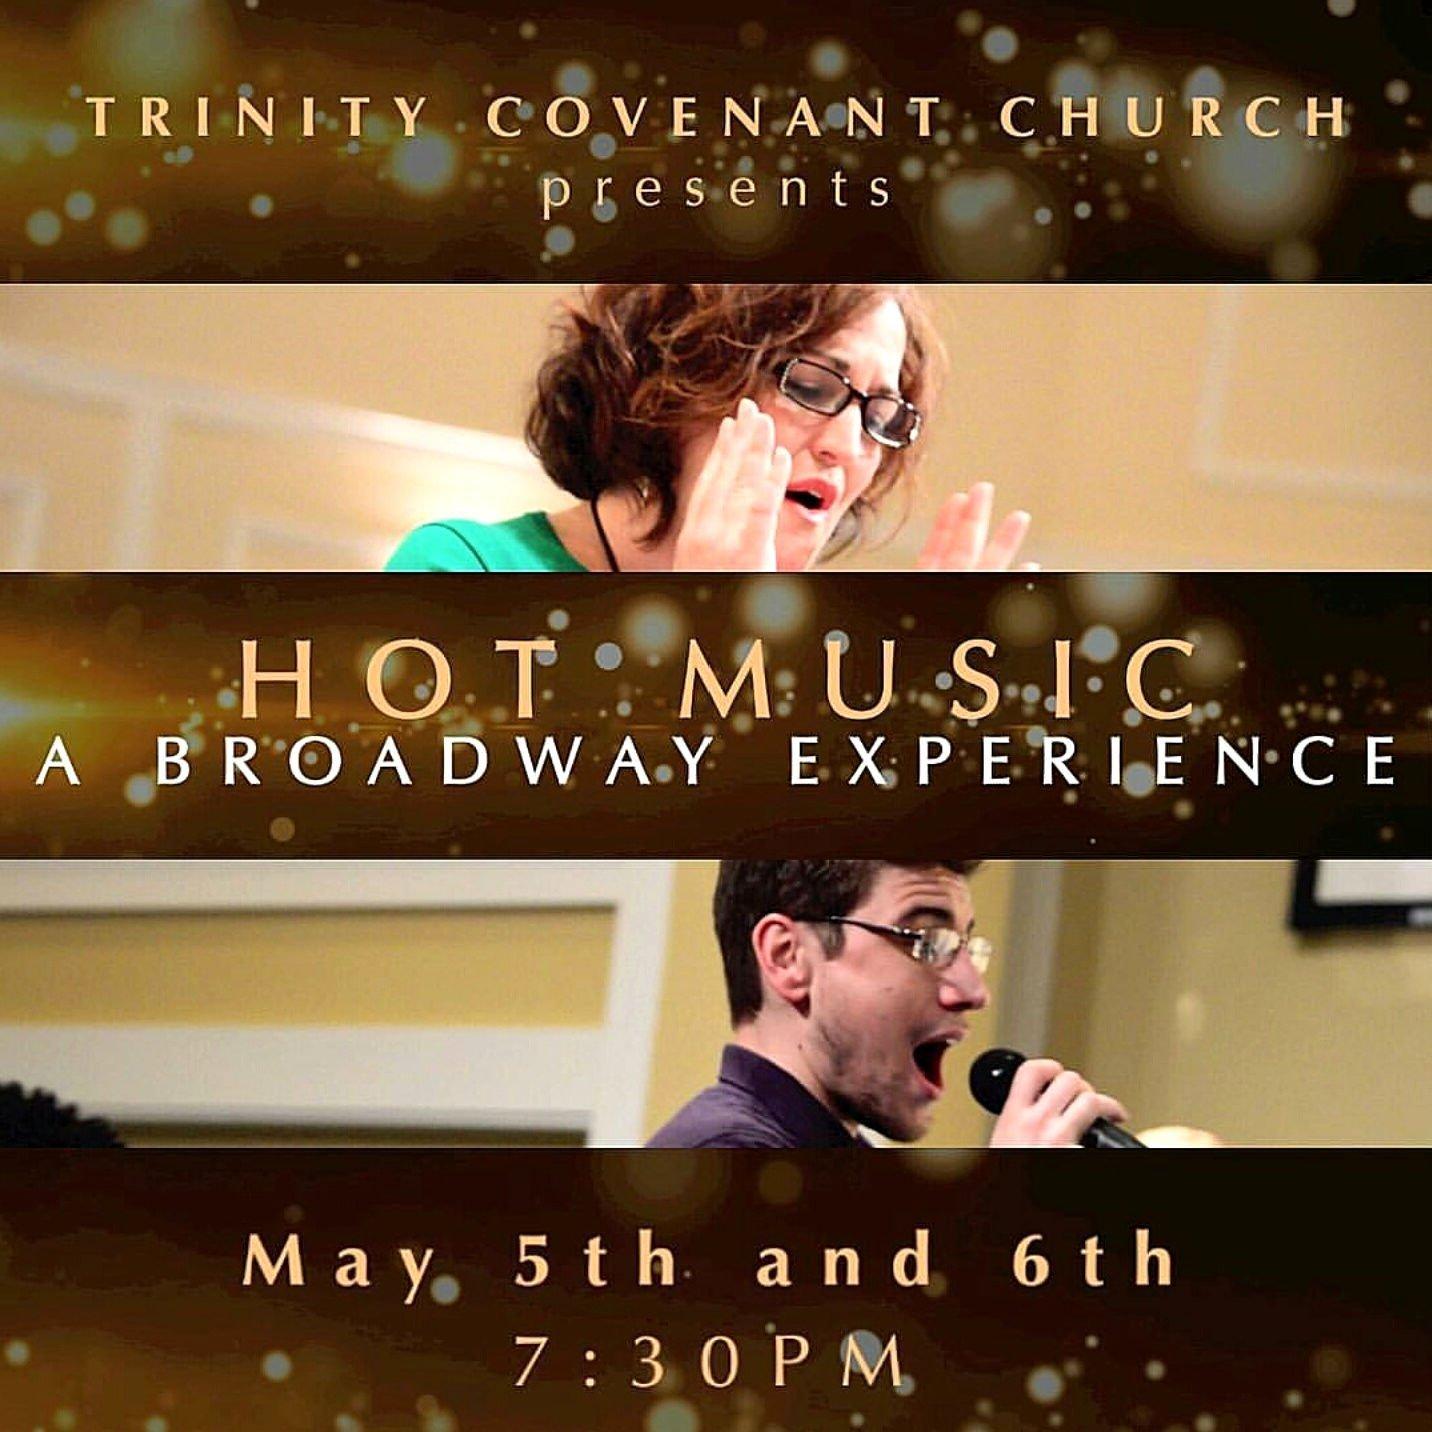 Hot Musical - May 5 & 6, 2017